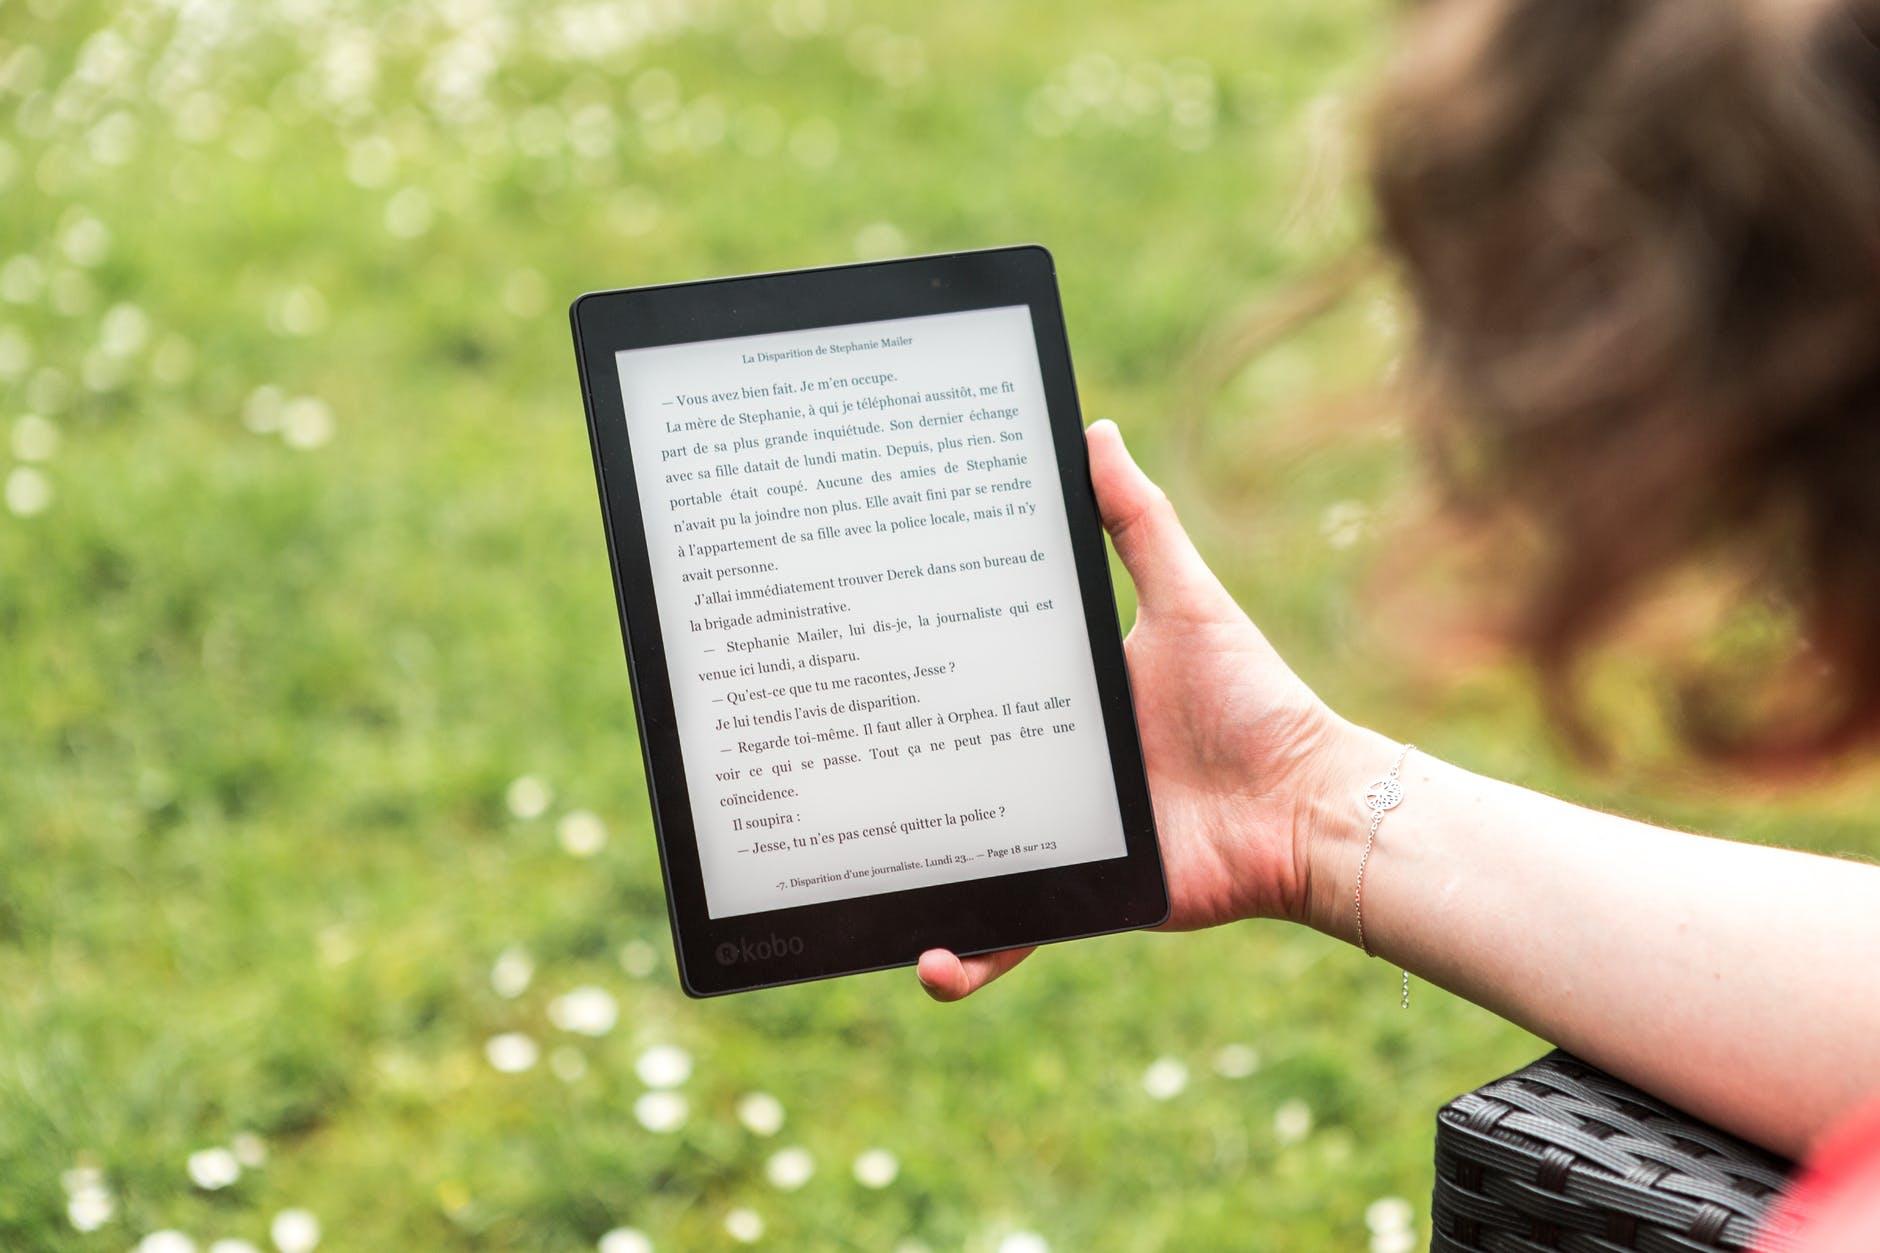 Nextory o cómo leer sin parar